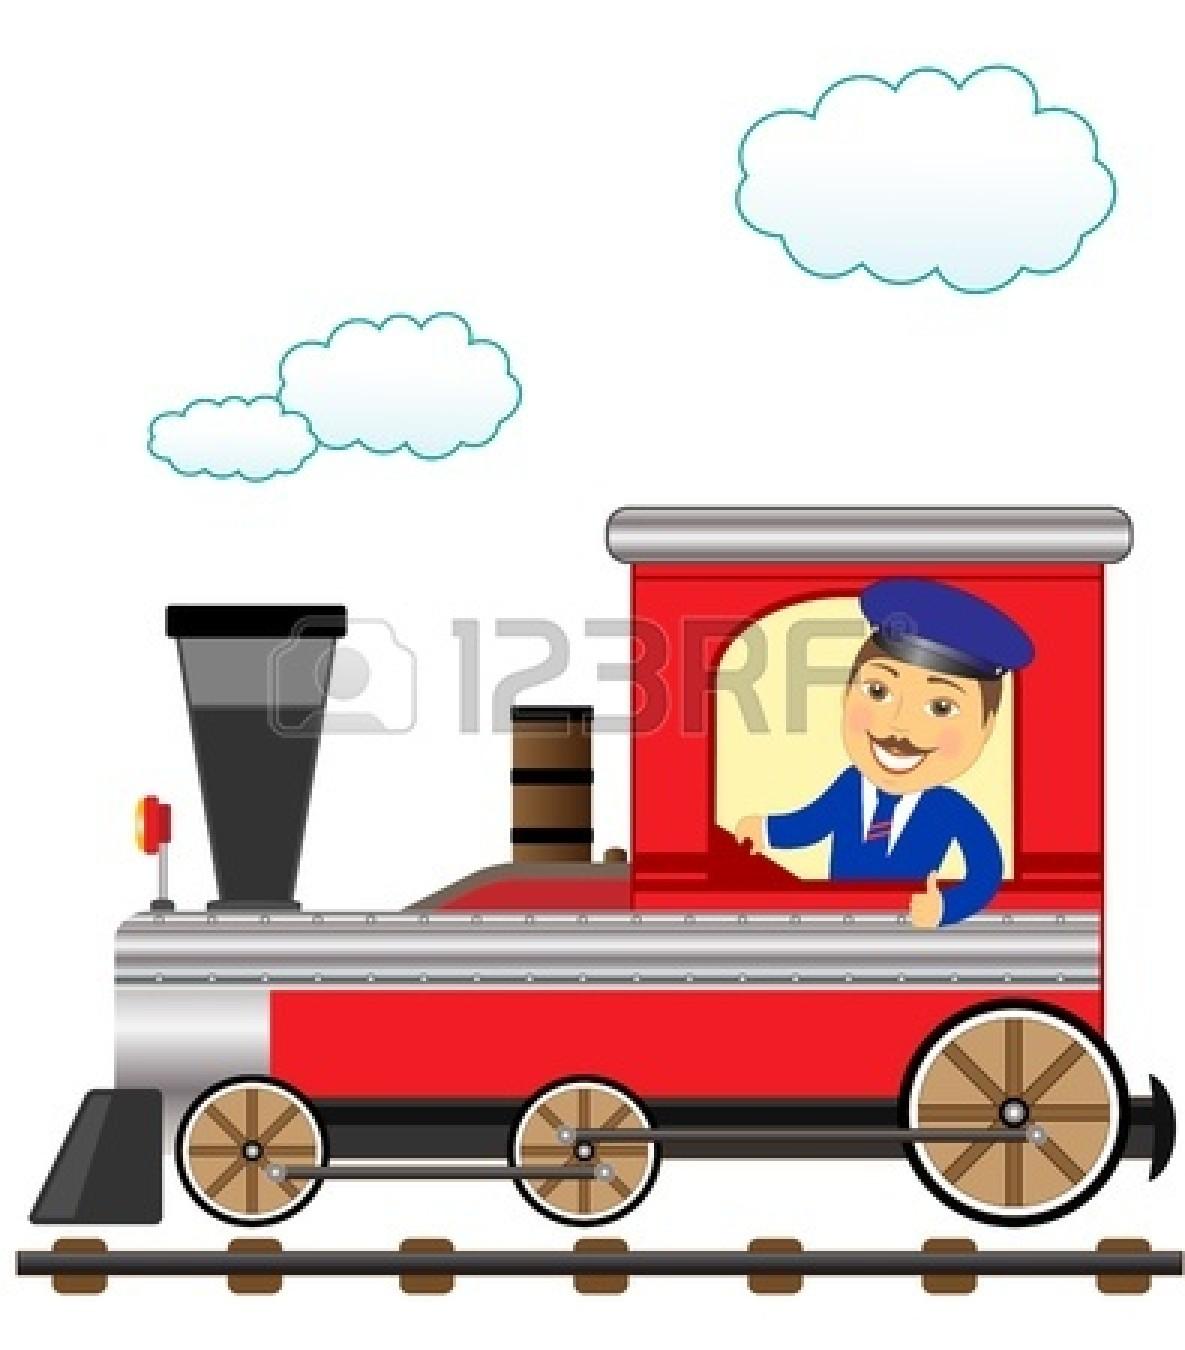 passenger%20train%20clipart%20black%20and%20white